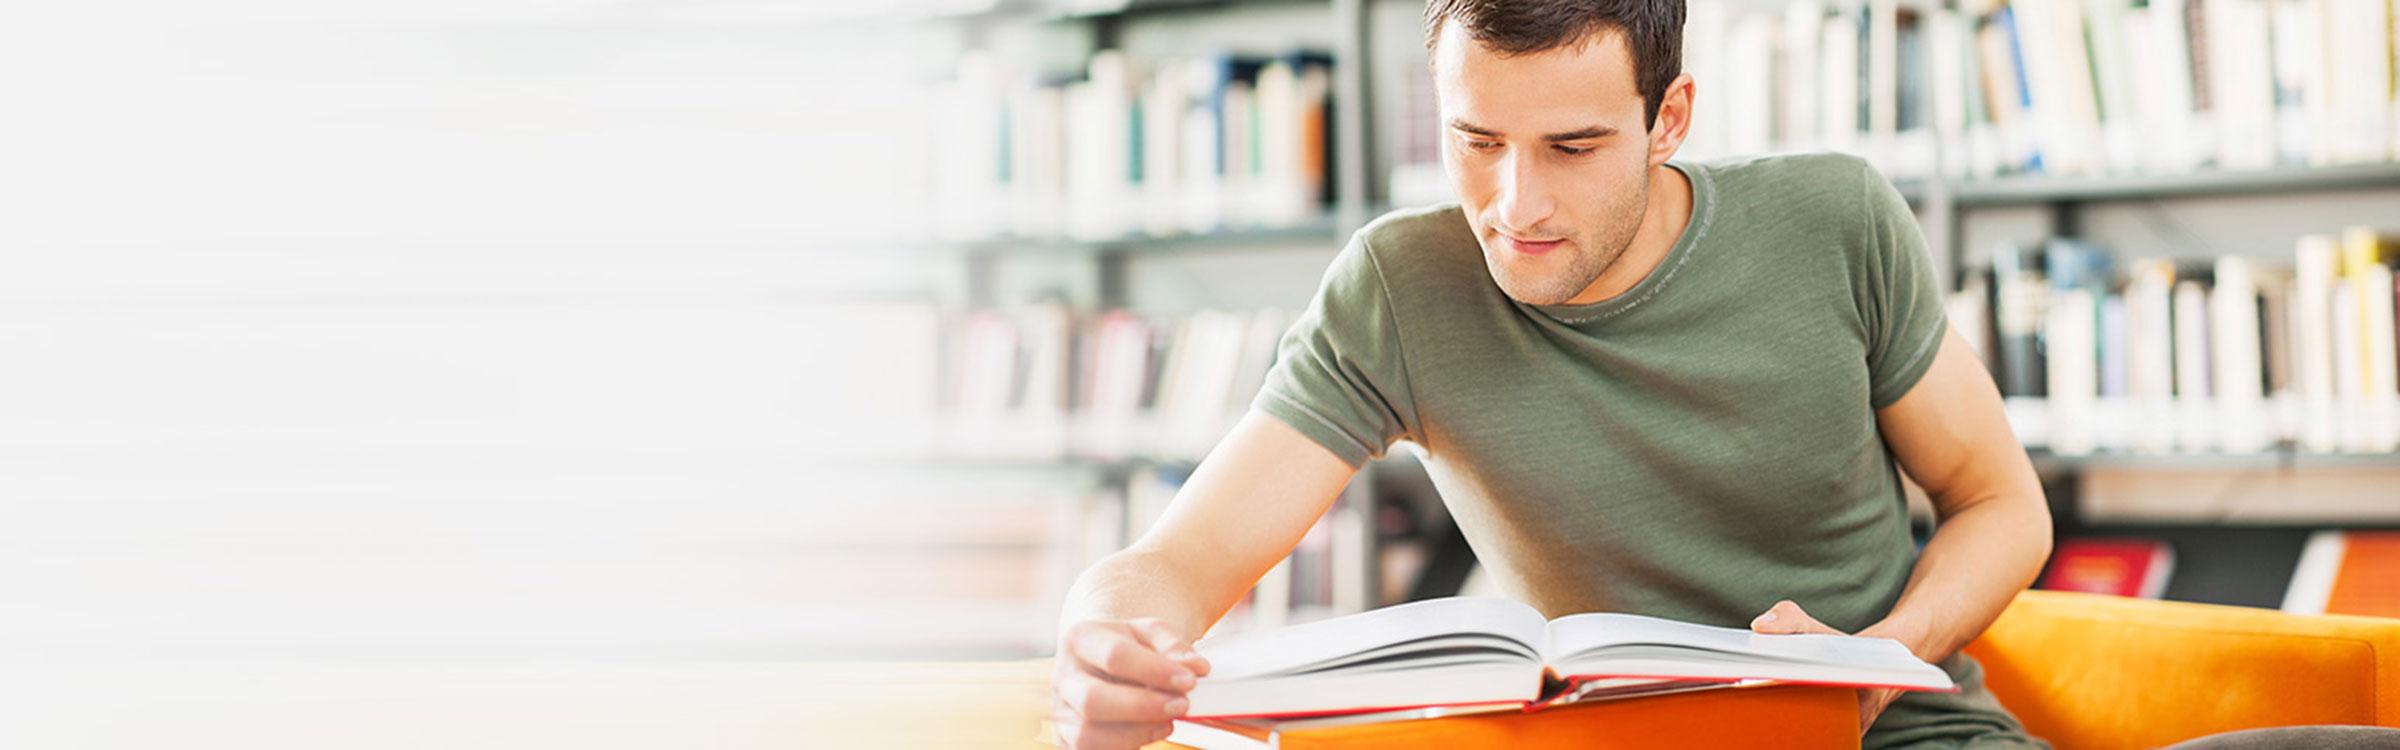 Studeren algemeen